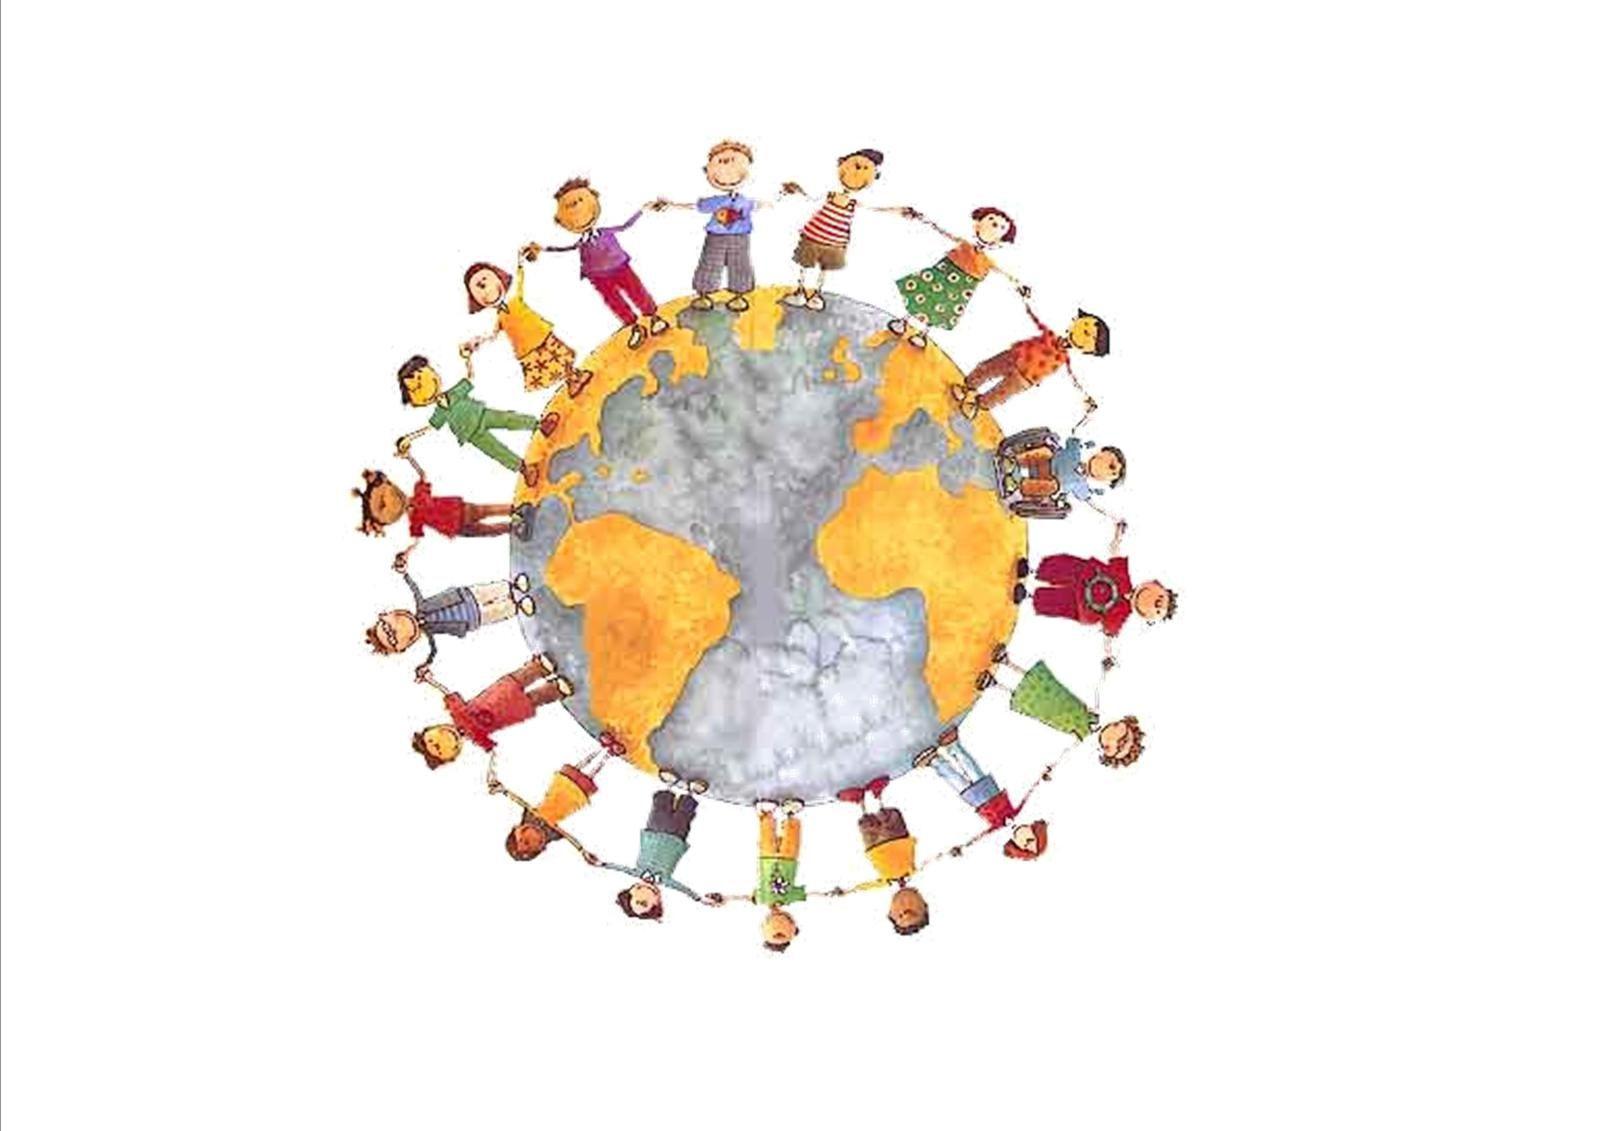 Prière universelle 16ème Dimanche Temps Ordinaire 19 juillet 2015 Année B